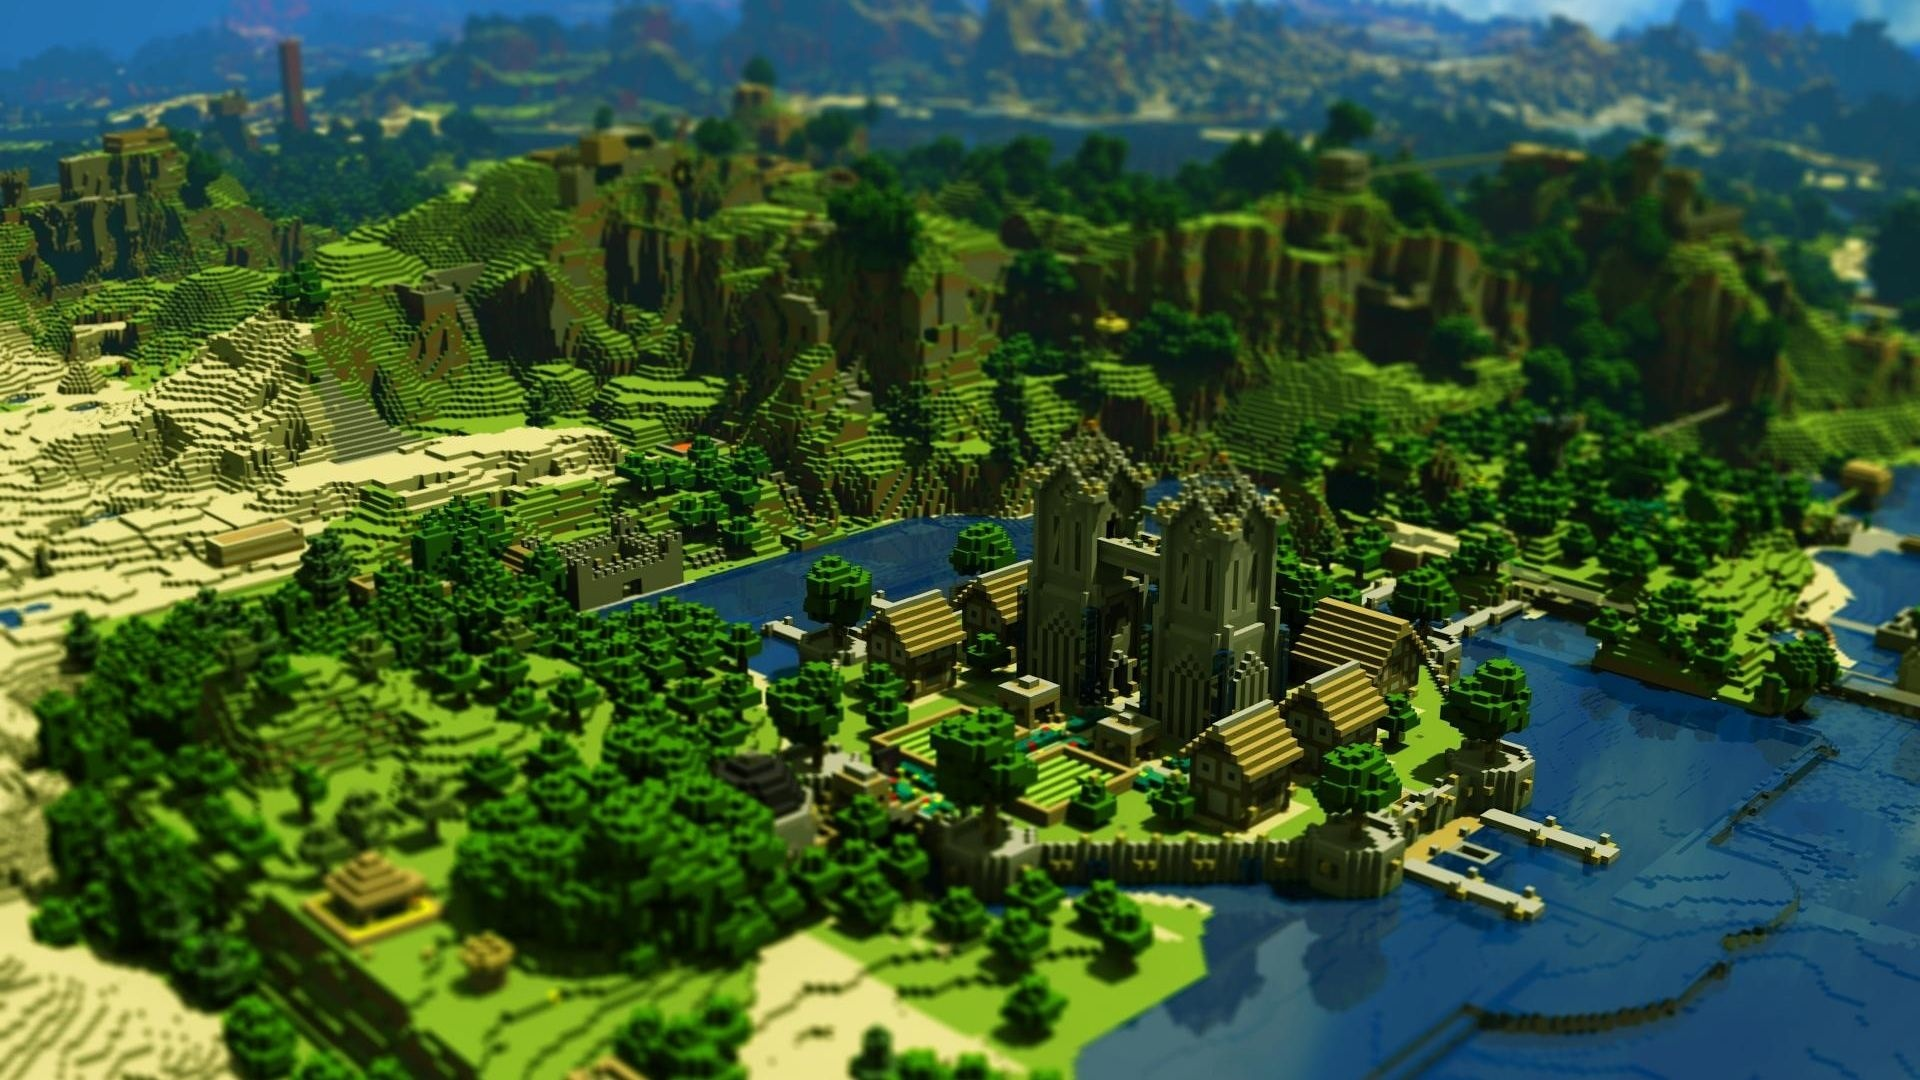 Minecraft desktop background